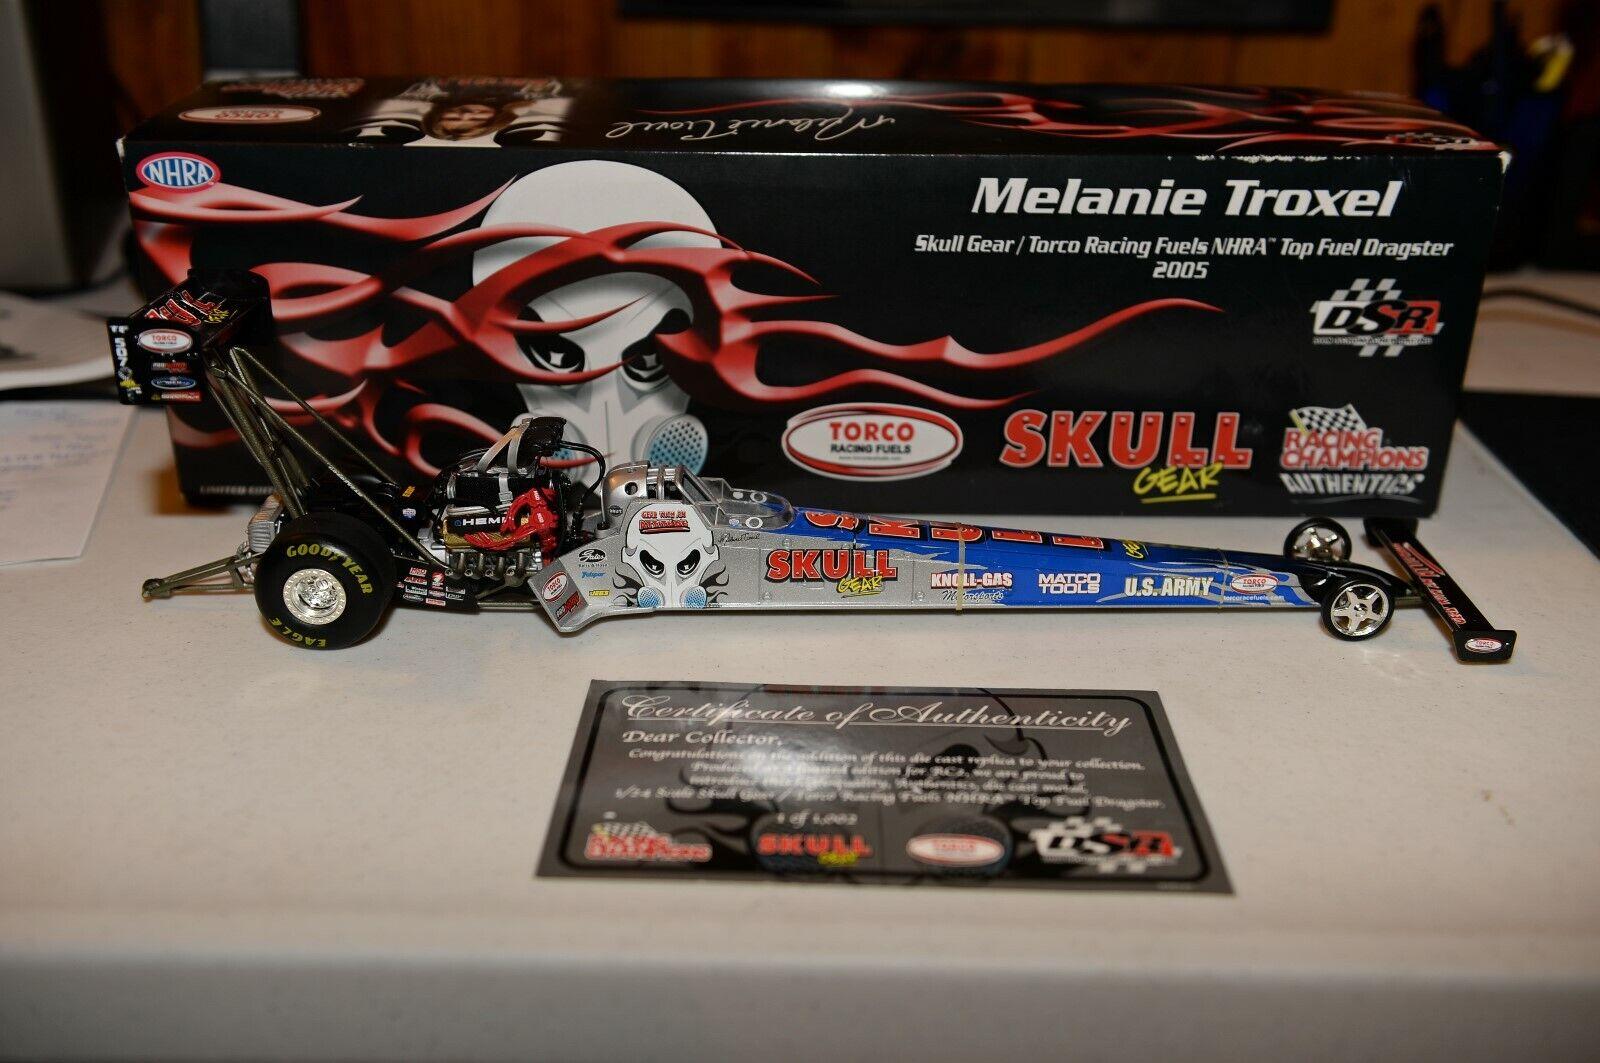 n ° 1 online RACING CHAMPIONS 1 24 SCALE MELANIE TROXEL TROXEL TROXEL 2005 SKULL GEAR TORCO T F NHRA  risparmia fino al 50%